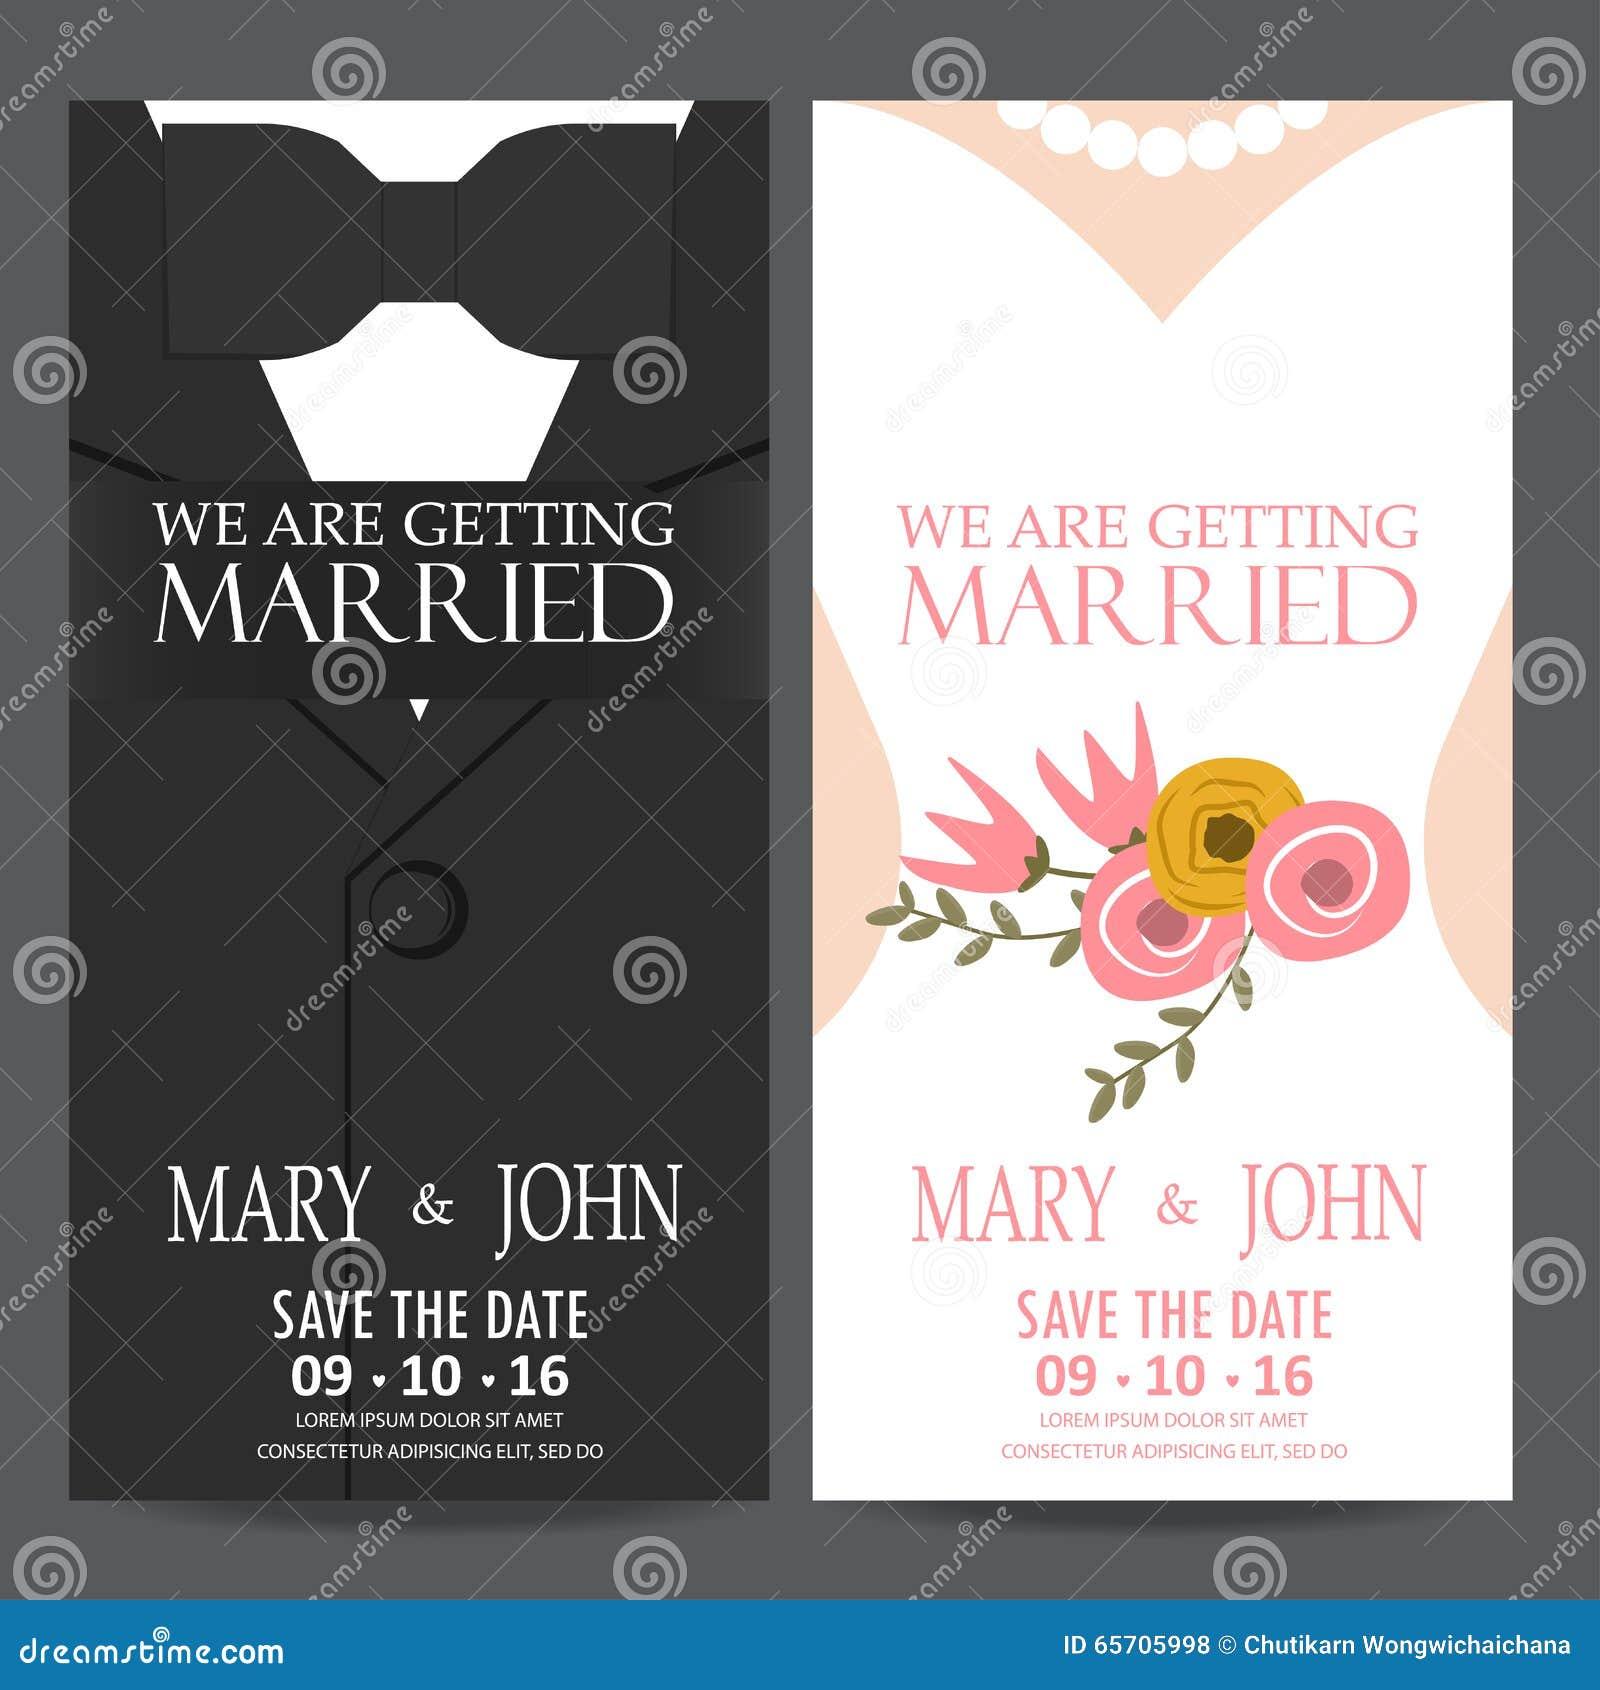 Bride Card Dress Groom Illustration Invitation Love Vector Wedding ...